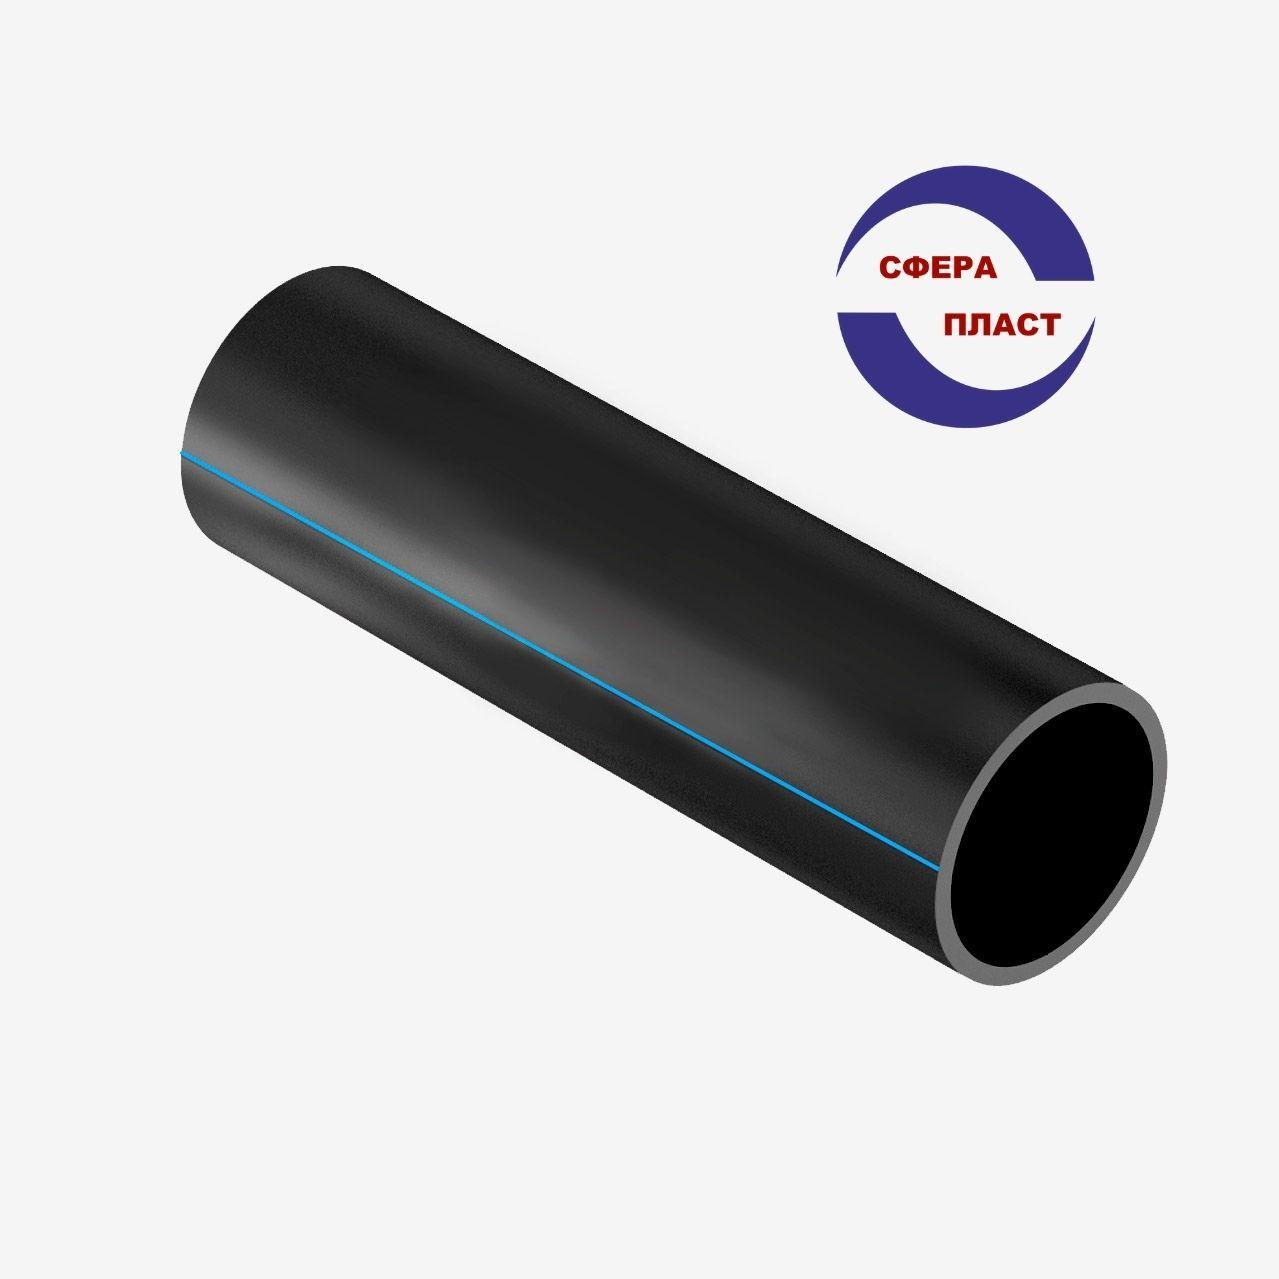 Труба Ду-250x14,8 SDR17 (10 атм) полиэтиленовая ПЭ-100